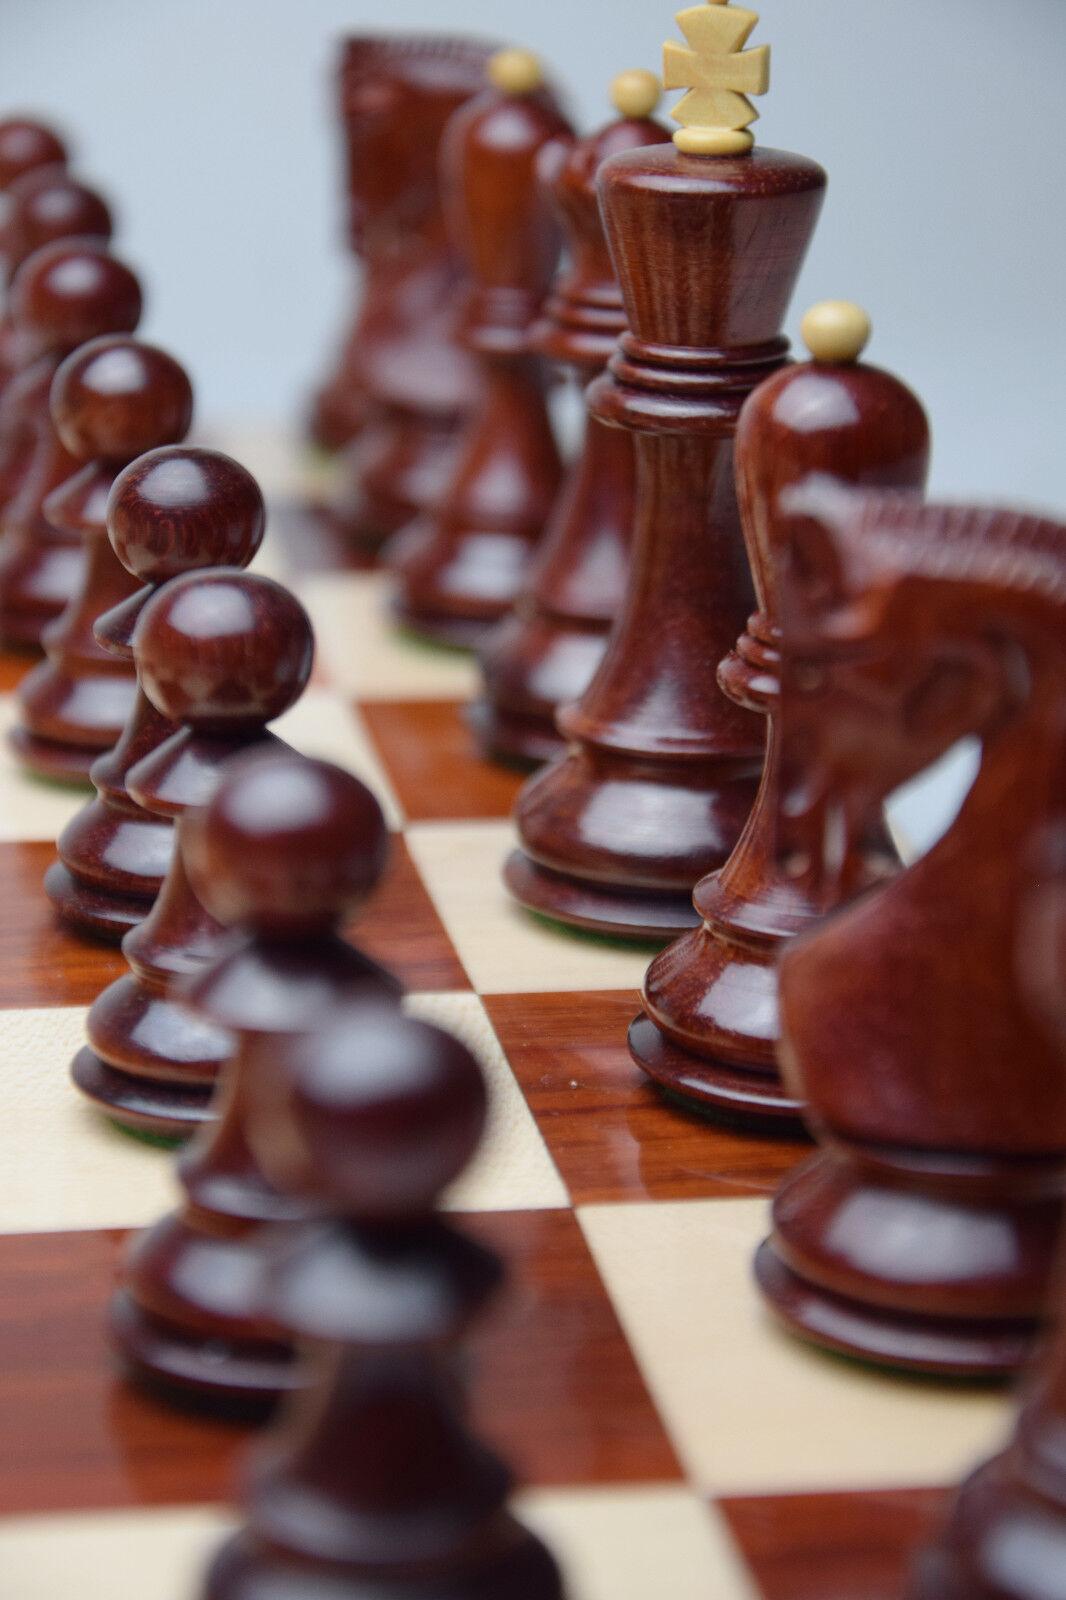 rede rede rede Dämmerung Luxus Schachbrett 18'' Padouk Padauk Feld 55mm Indien Hochglanz b9fcaf